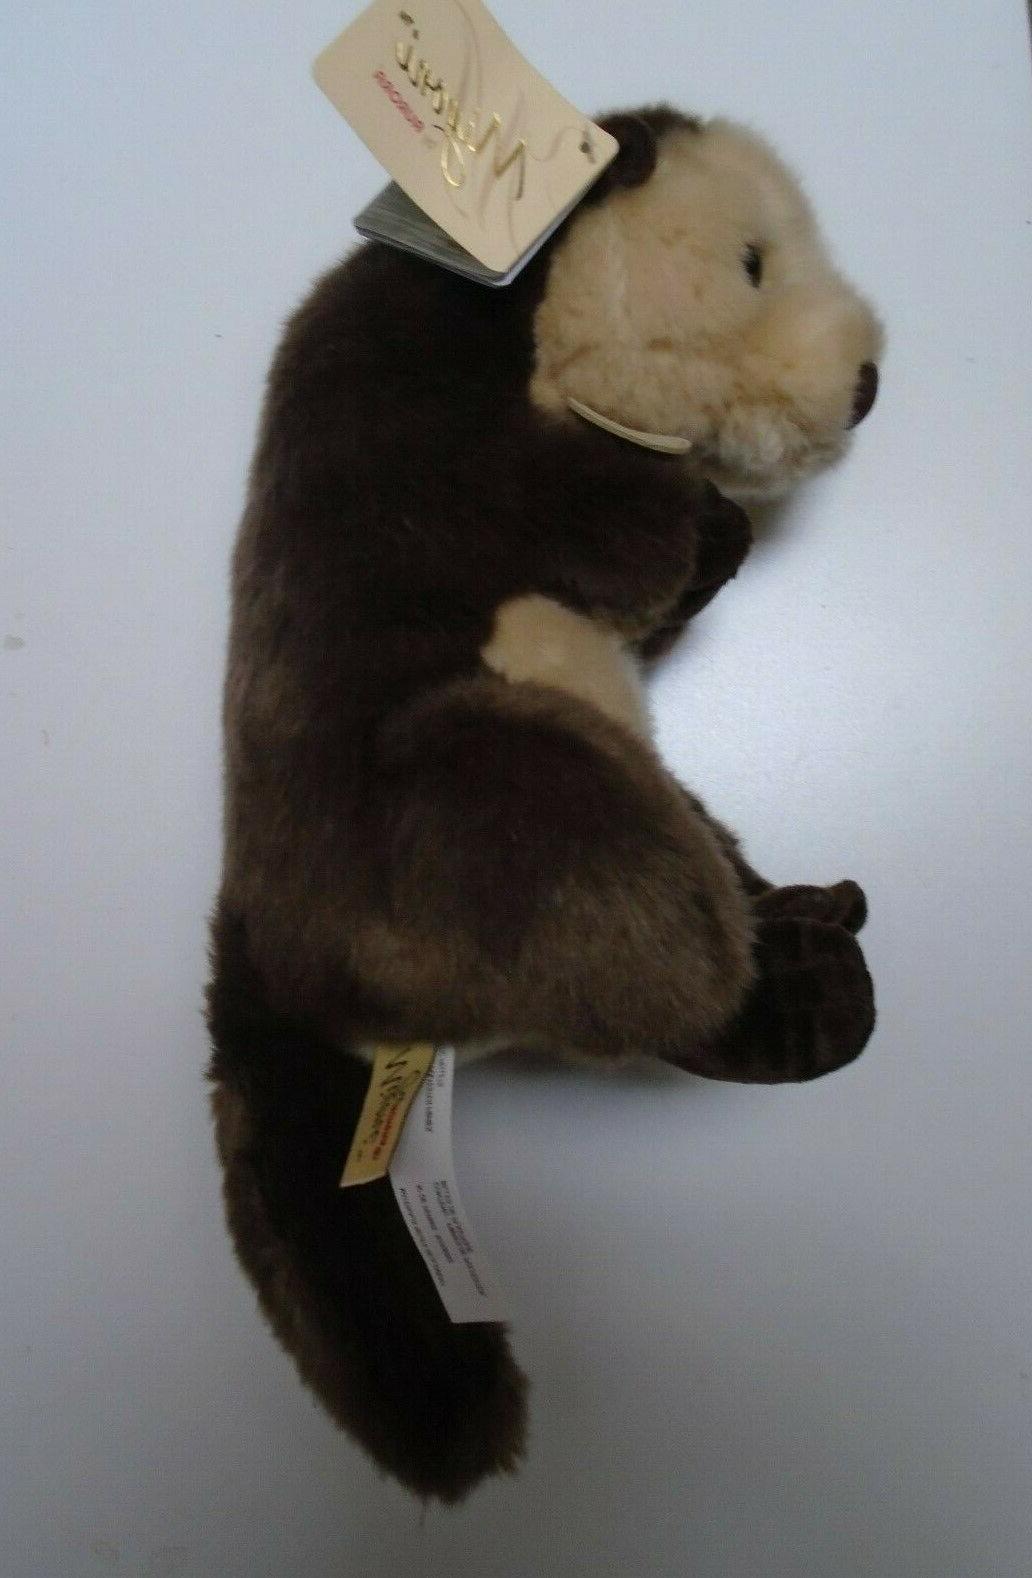 MIYONI By WORLD Plush Stuffed Otter